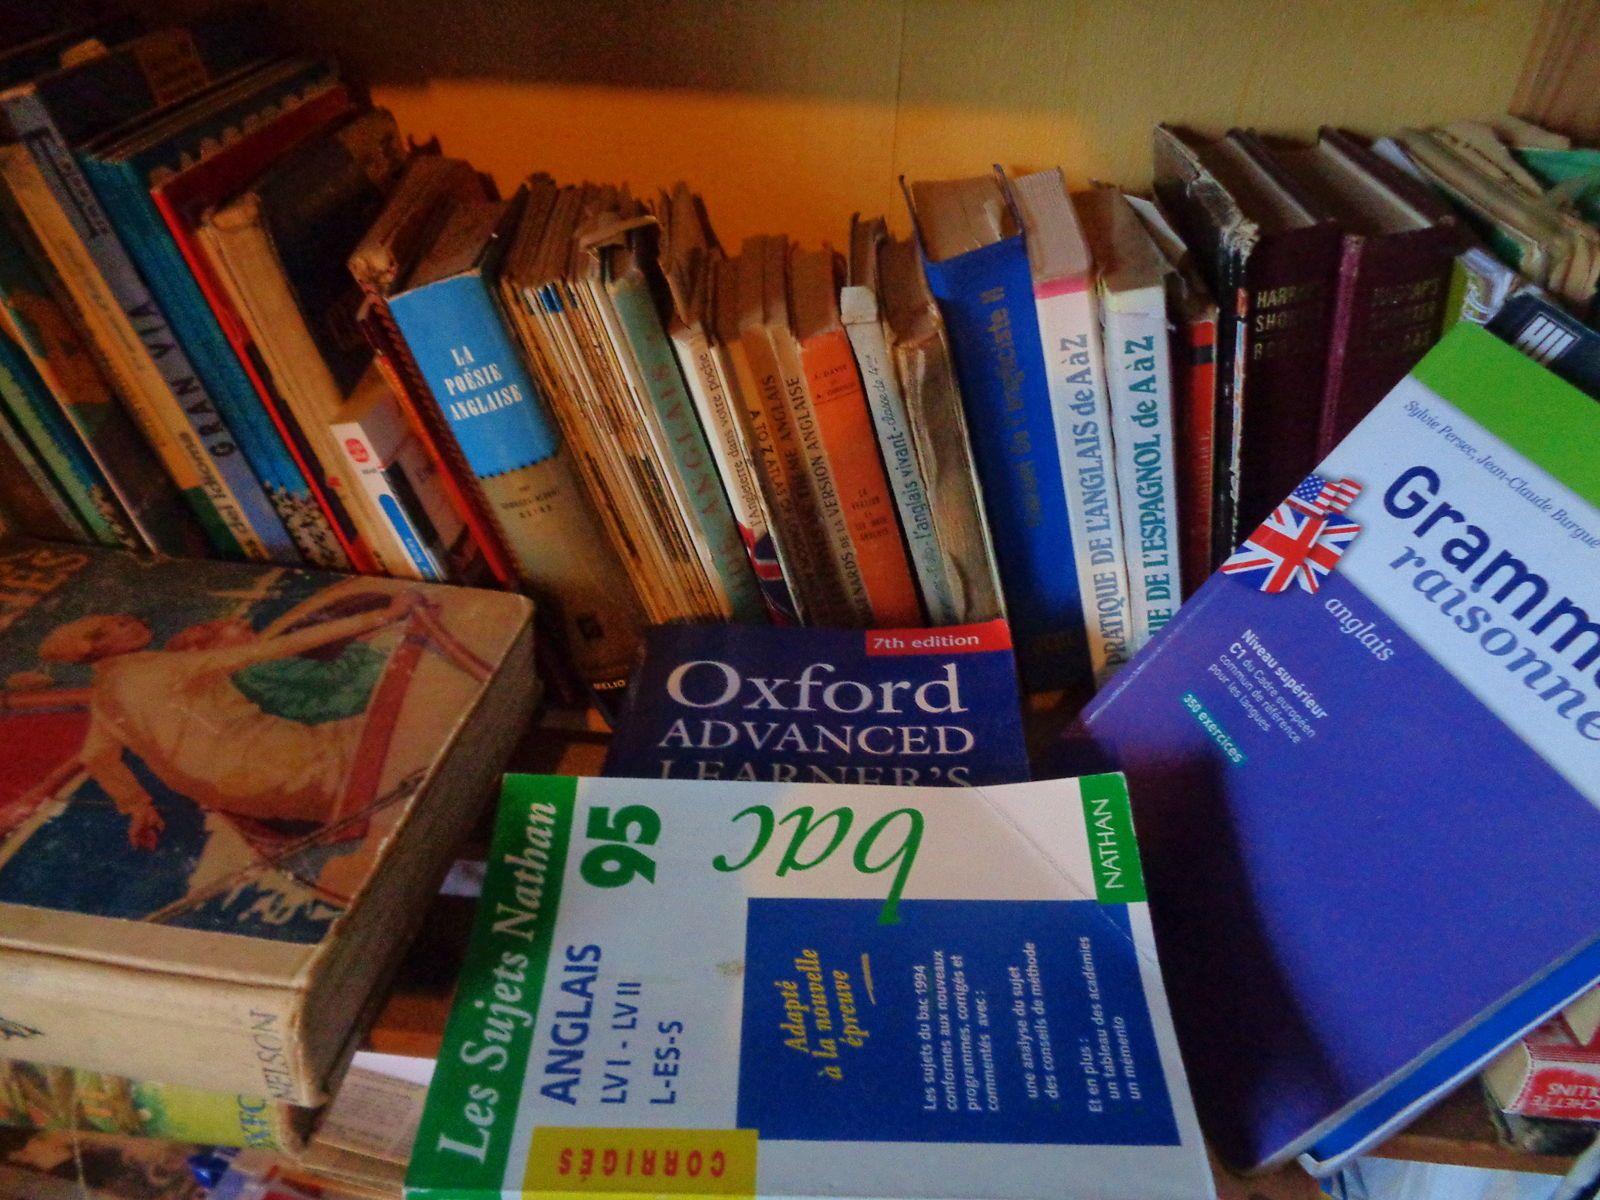 Livres études anglais et dictionnaires Harrap's